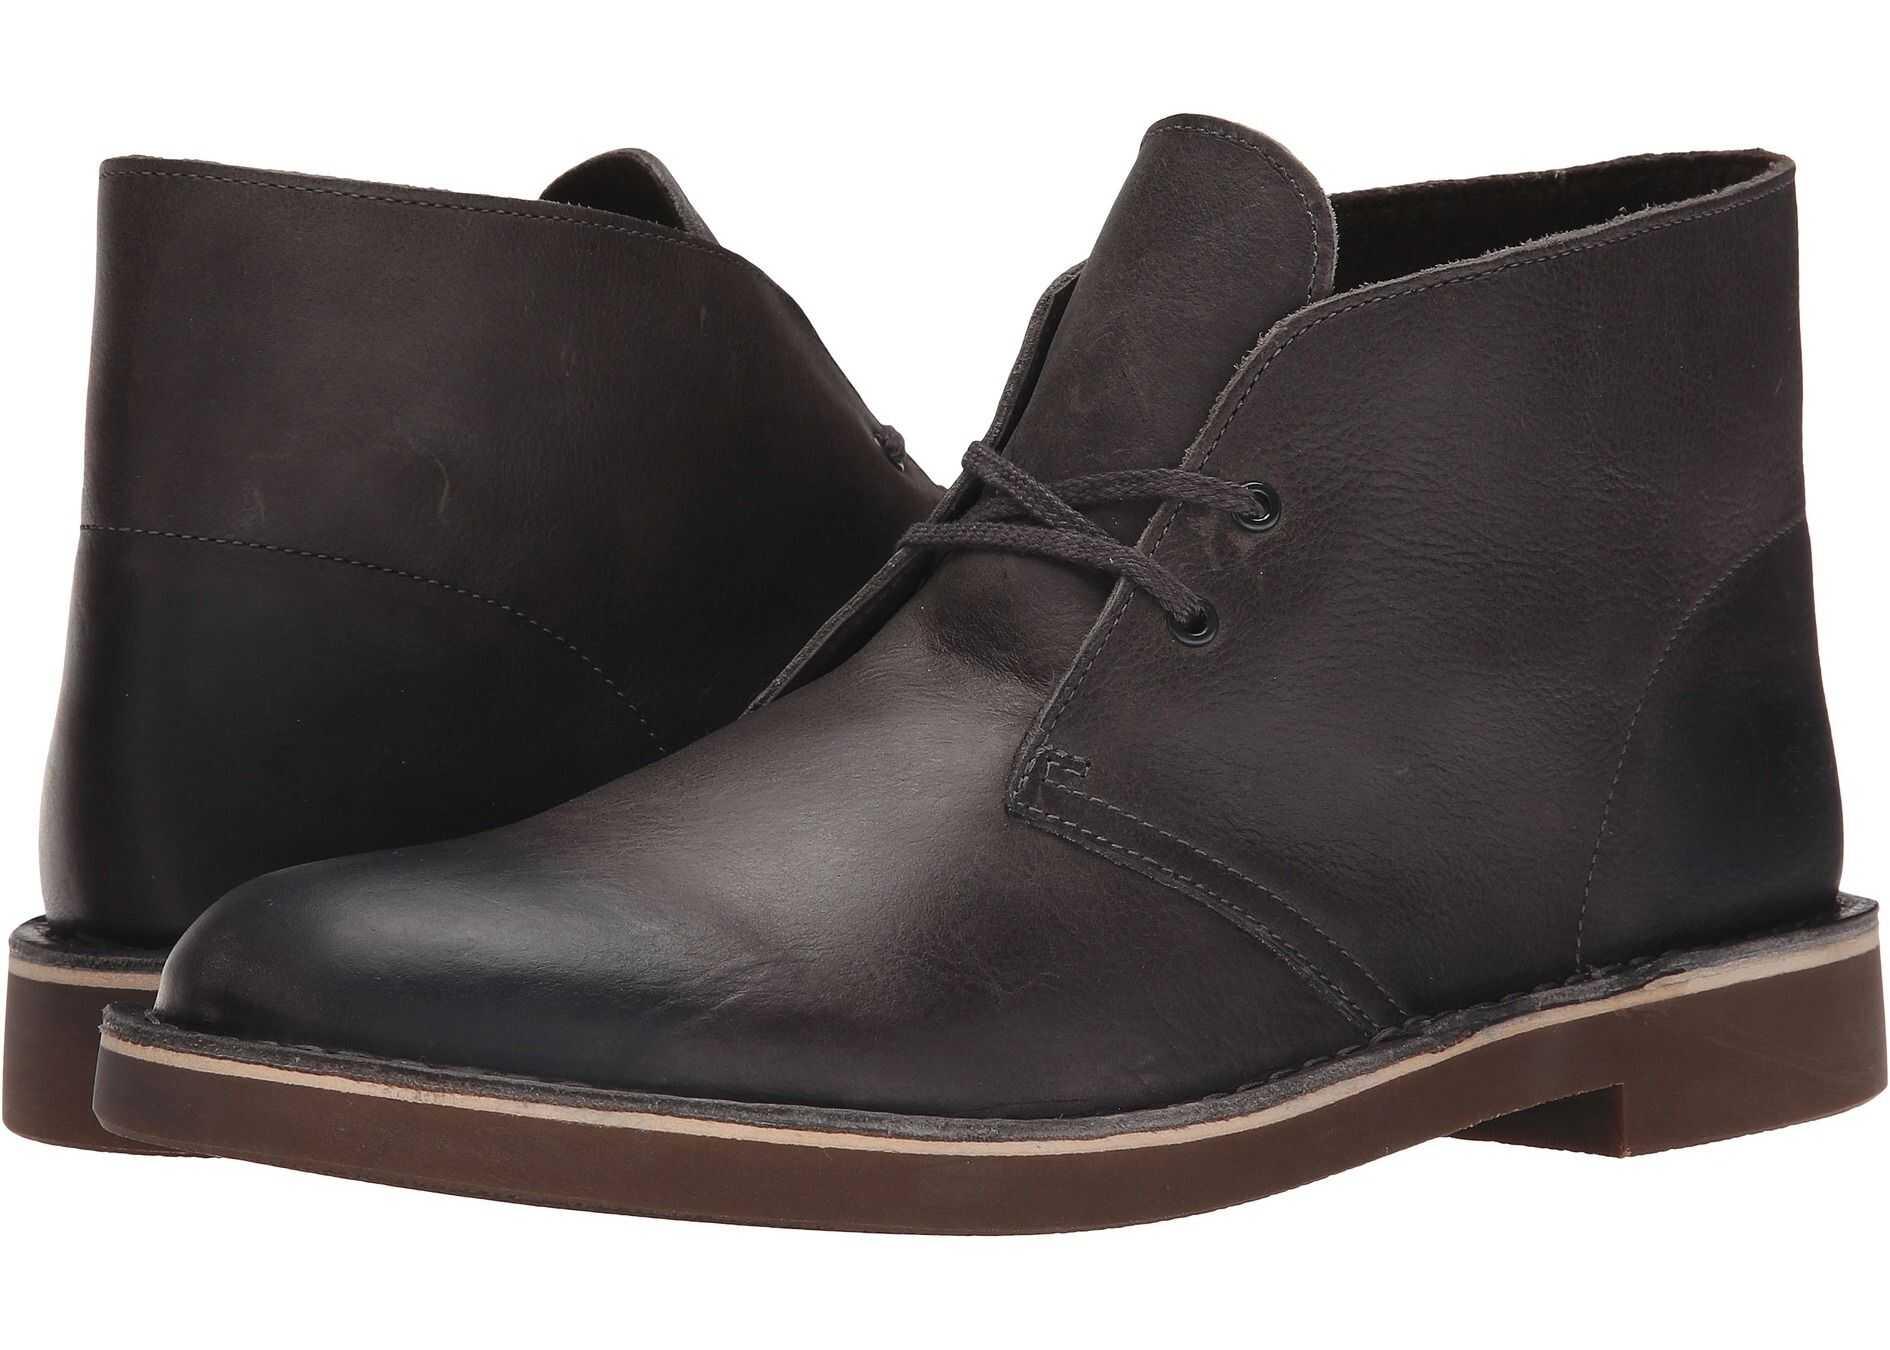 Clarks Bushacre 2 Grey Leather